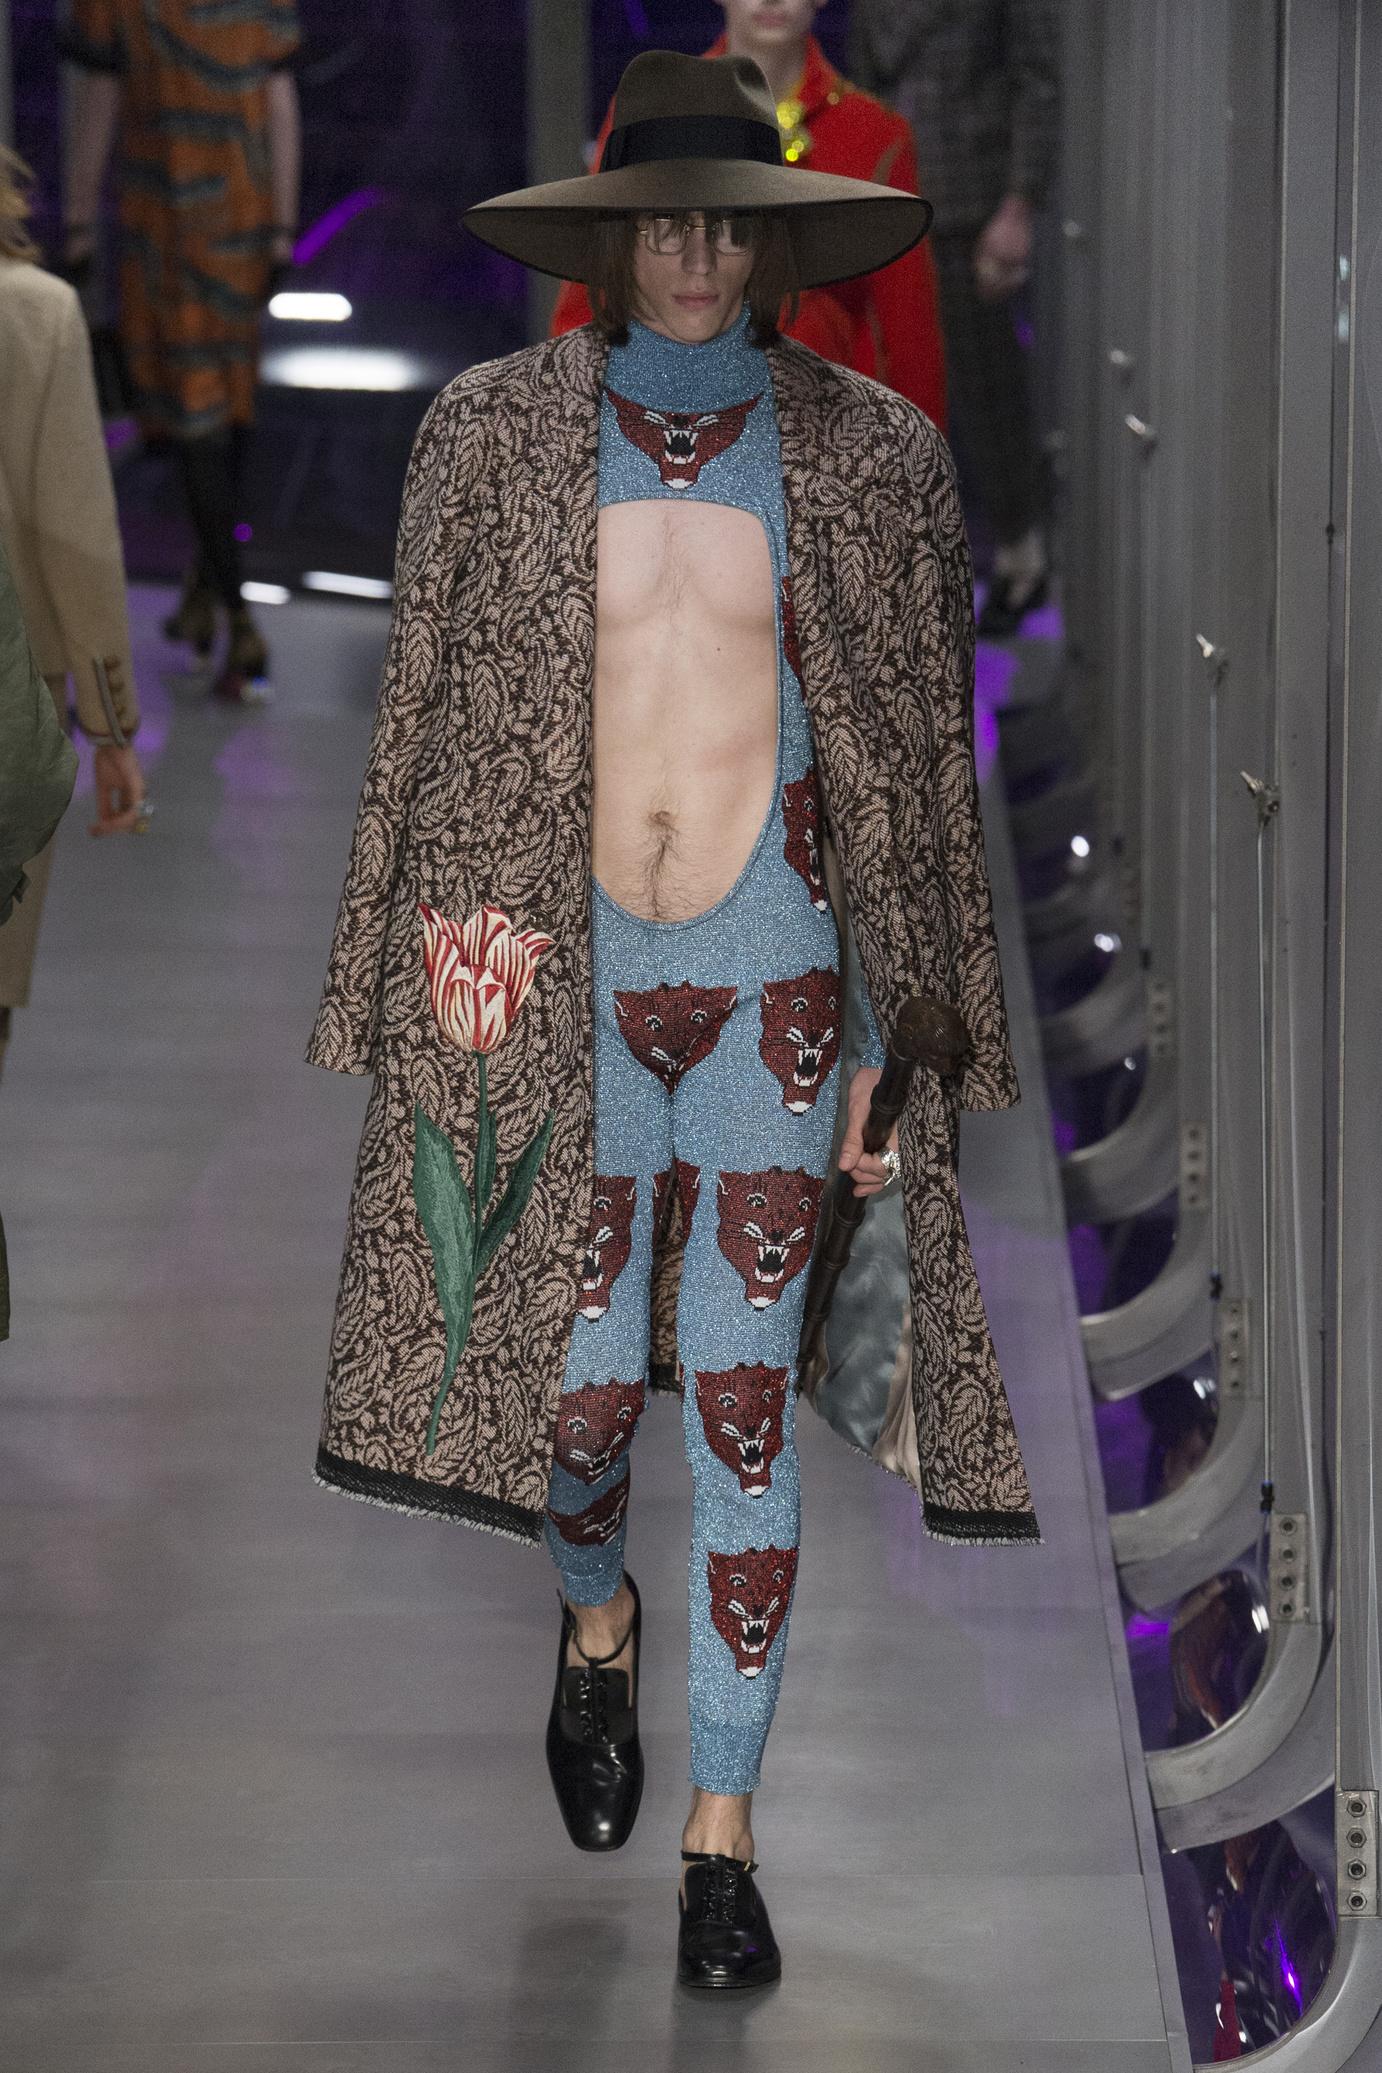 Mode homme hiver 2017-2018 : la mode pête un câble